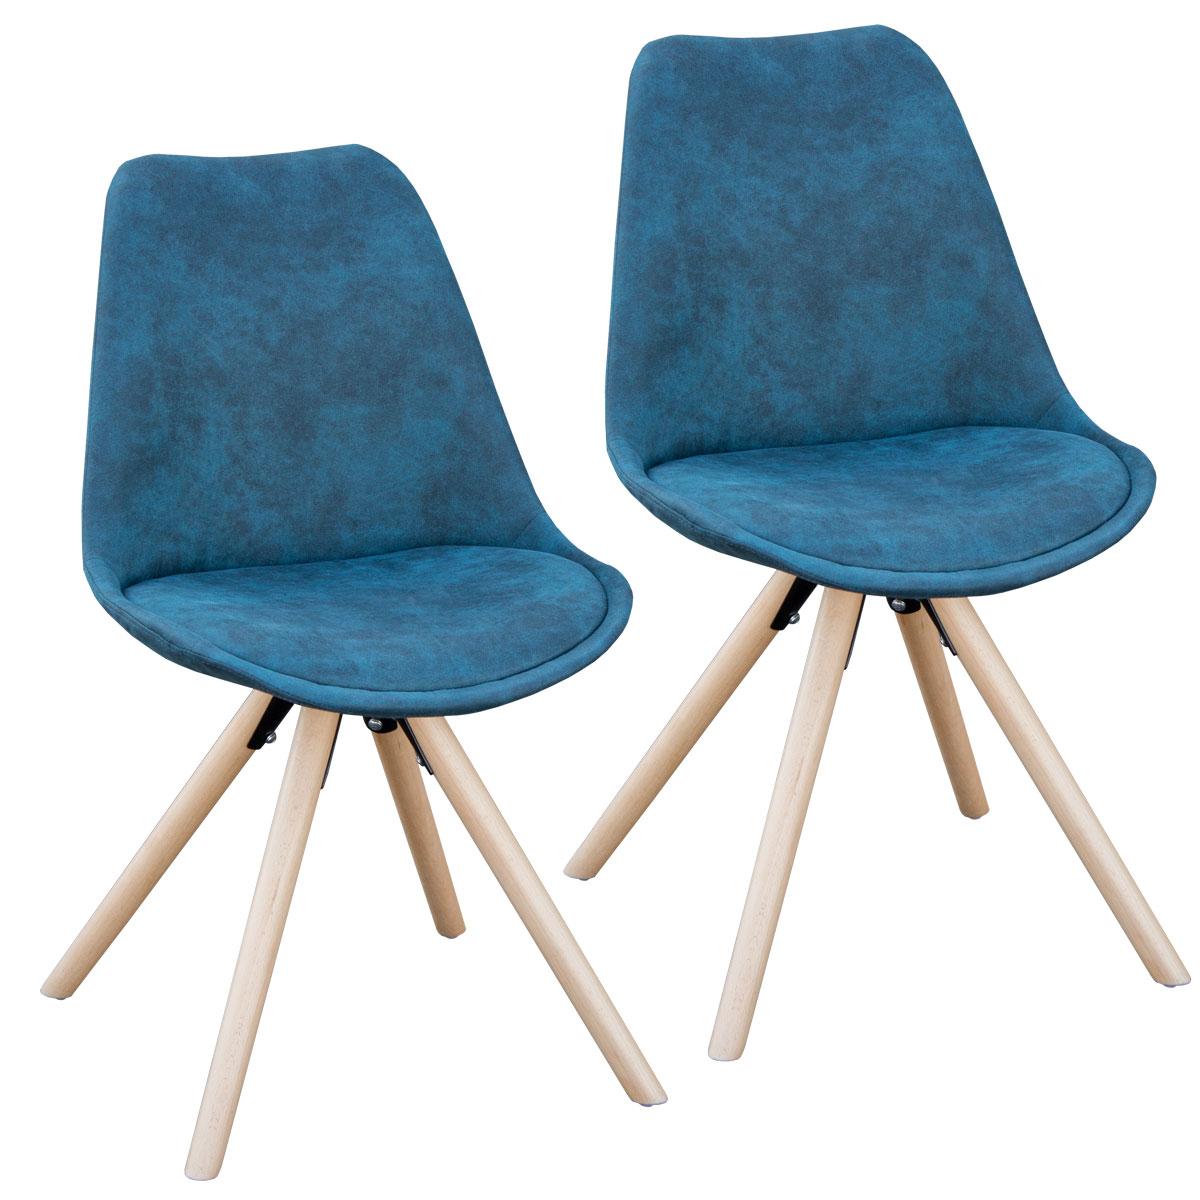 90456 SVITA 2er Set Retro Stühle blau